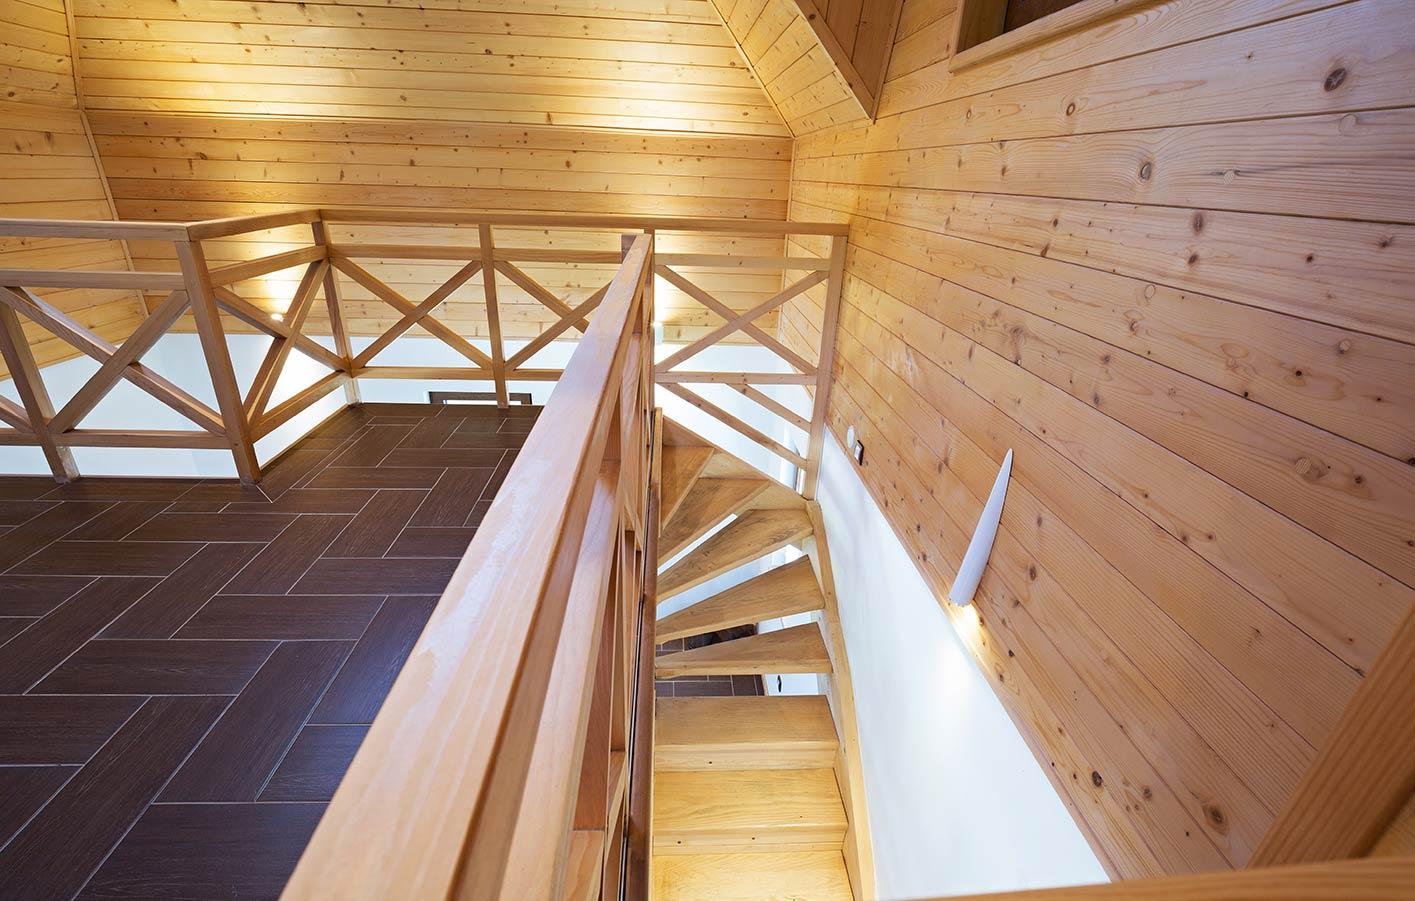 Favorit Paneele Massivholz Holzdecke Wand Enschede Münster Borken FB92